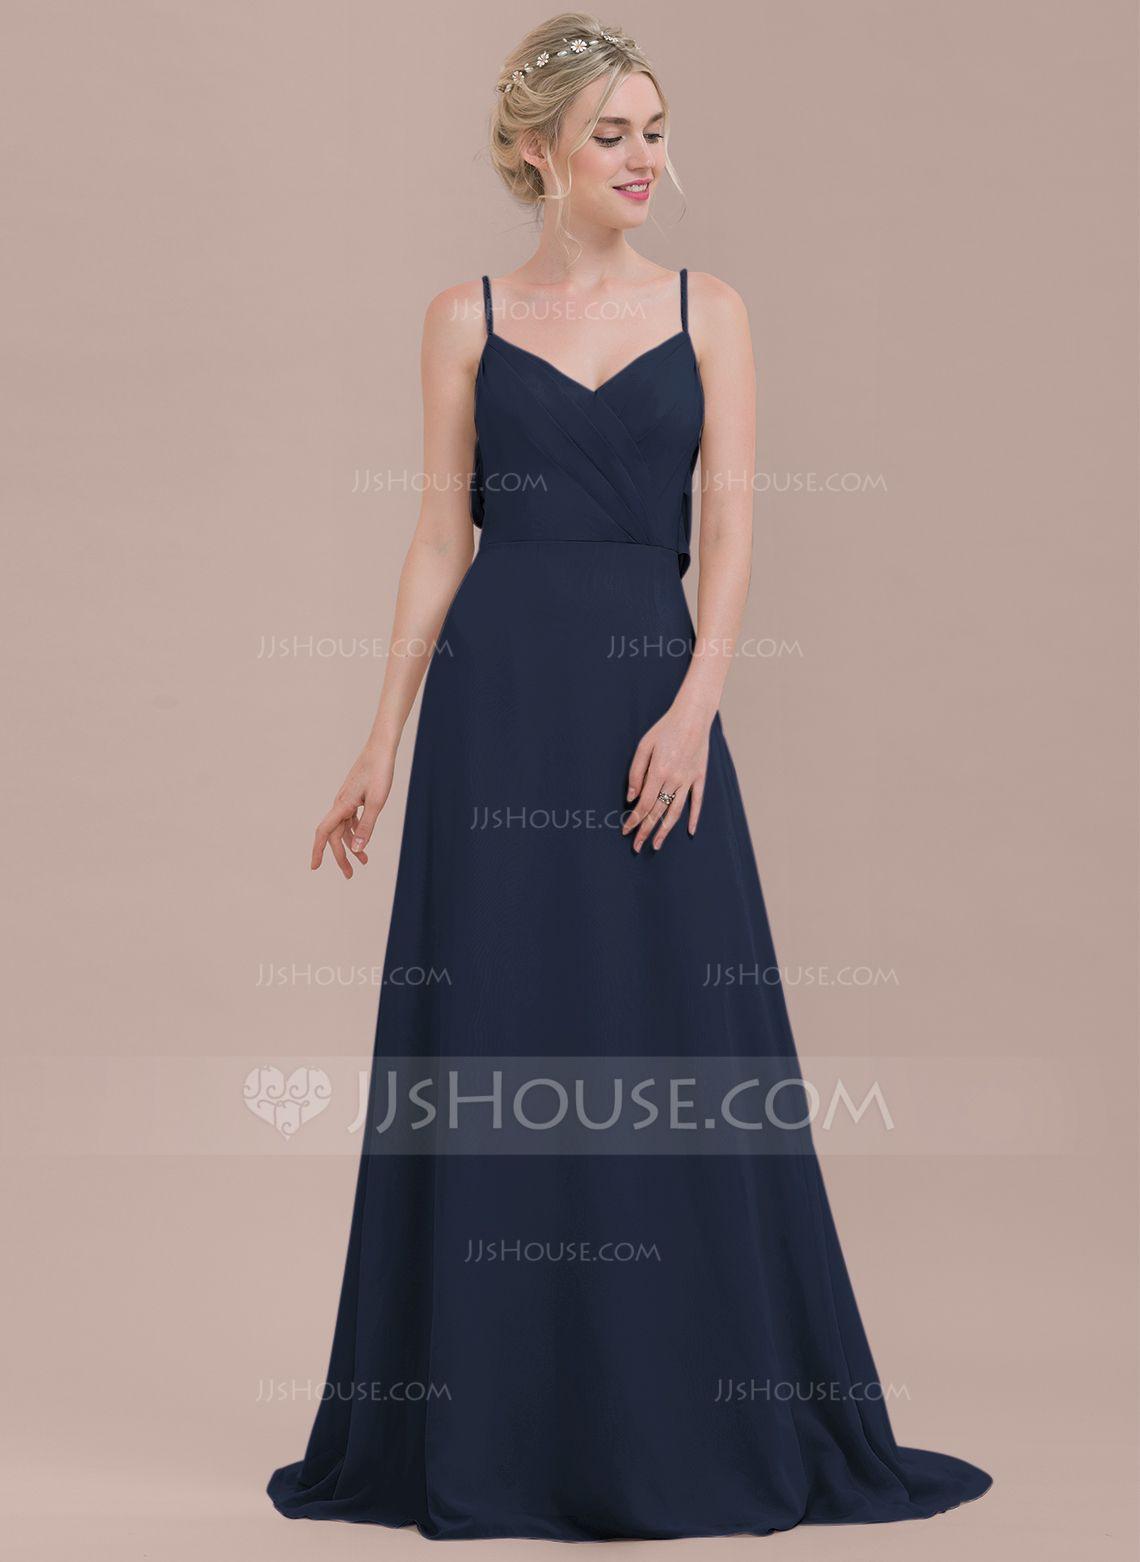 Formal Coolste Abendkleider Jj DesignAbend Genial Abendkleider Jj für 2019